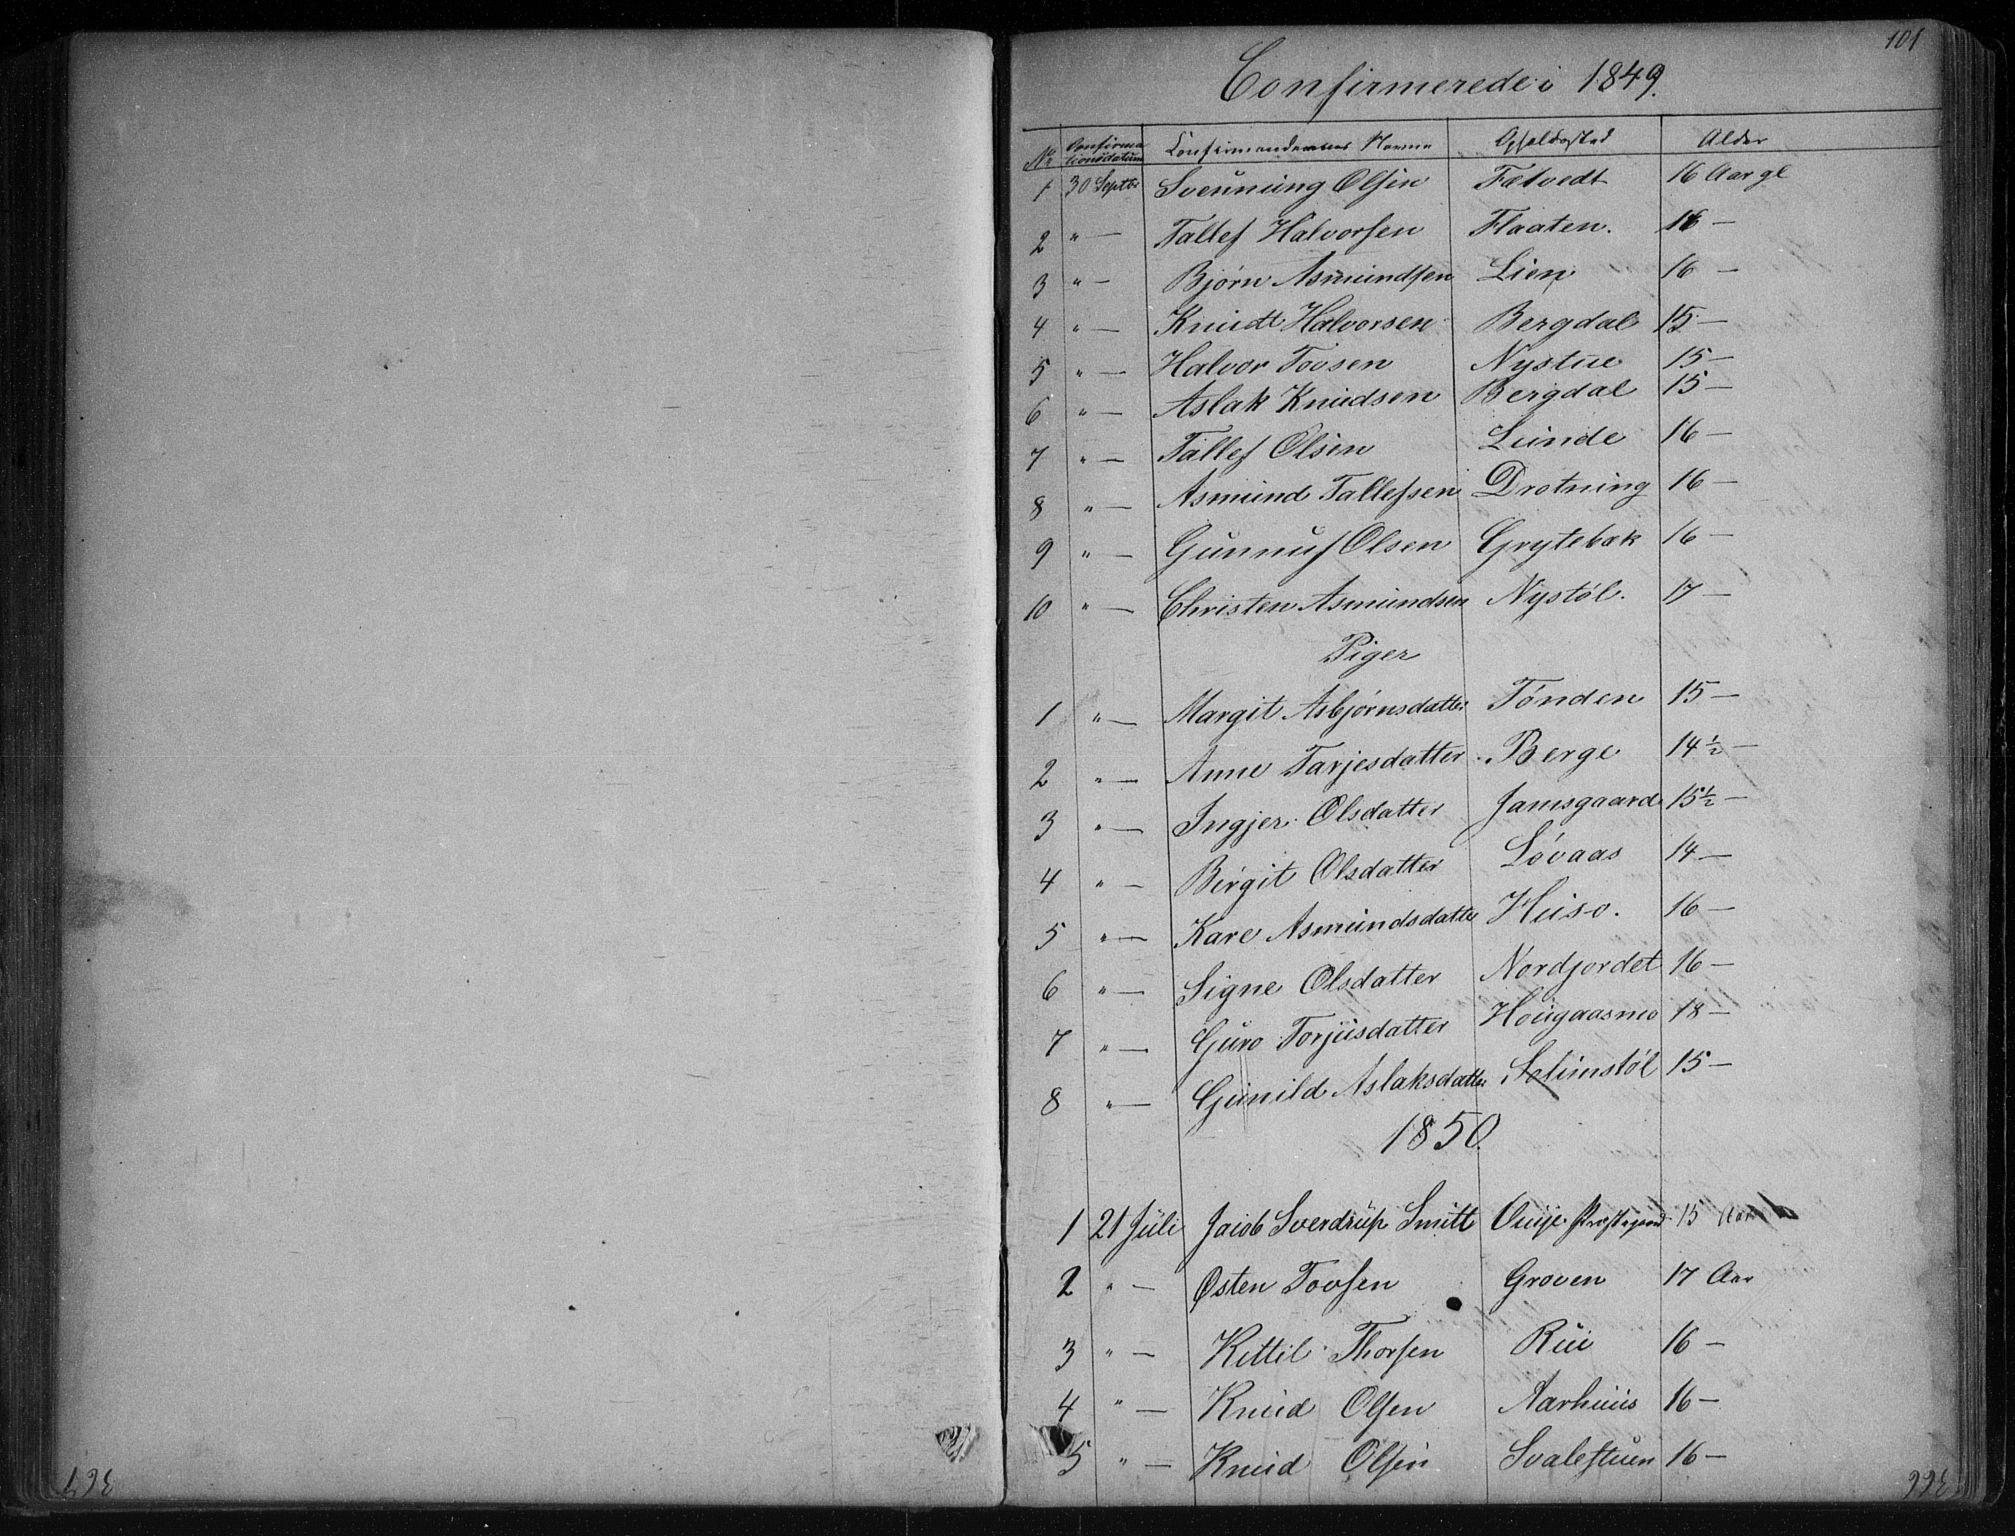 SAKO, Vinje kirkebøker, G/Ga/L0002: Klokkerbok nr. I 2, 1849-1893, s. 101